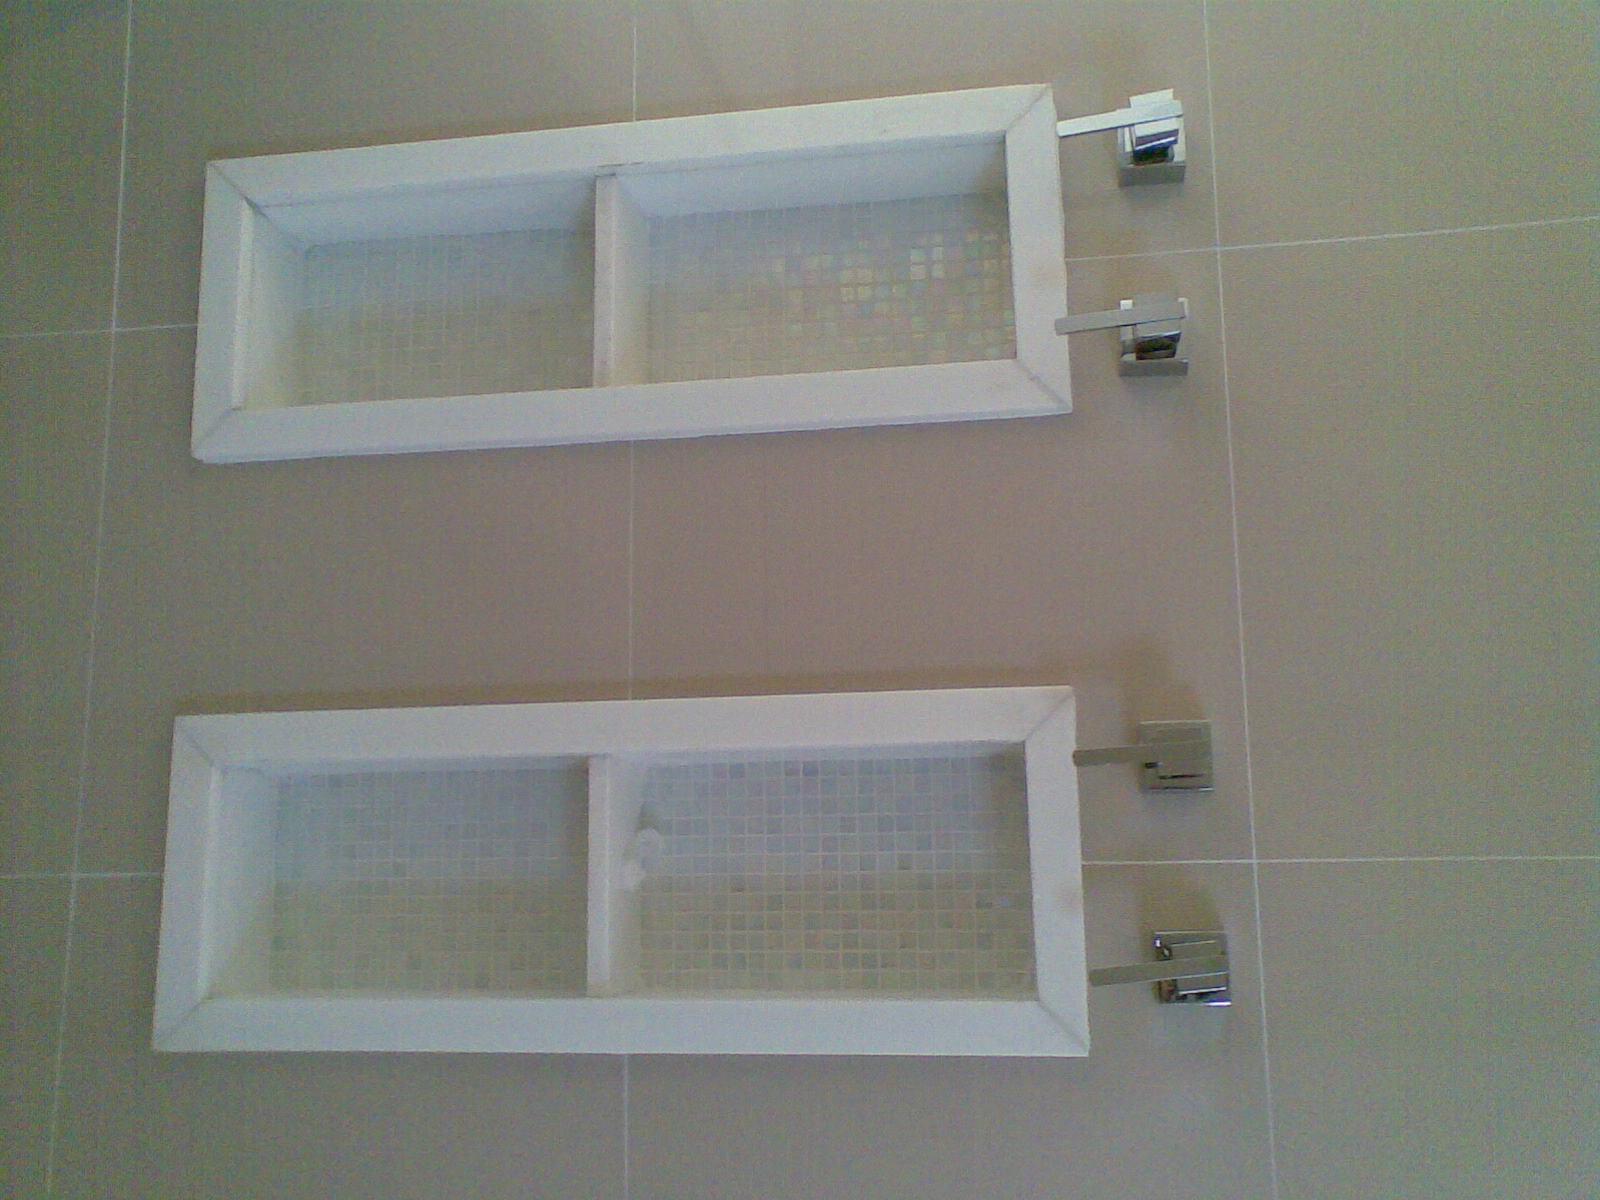 Construir com Arte: Um projeto contemporâneo com detalhes especiais  #636851 1600x1200 Banheiro Com Acabamento Com Pastilhas